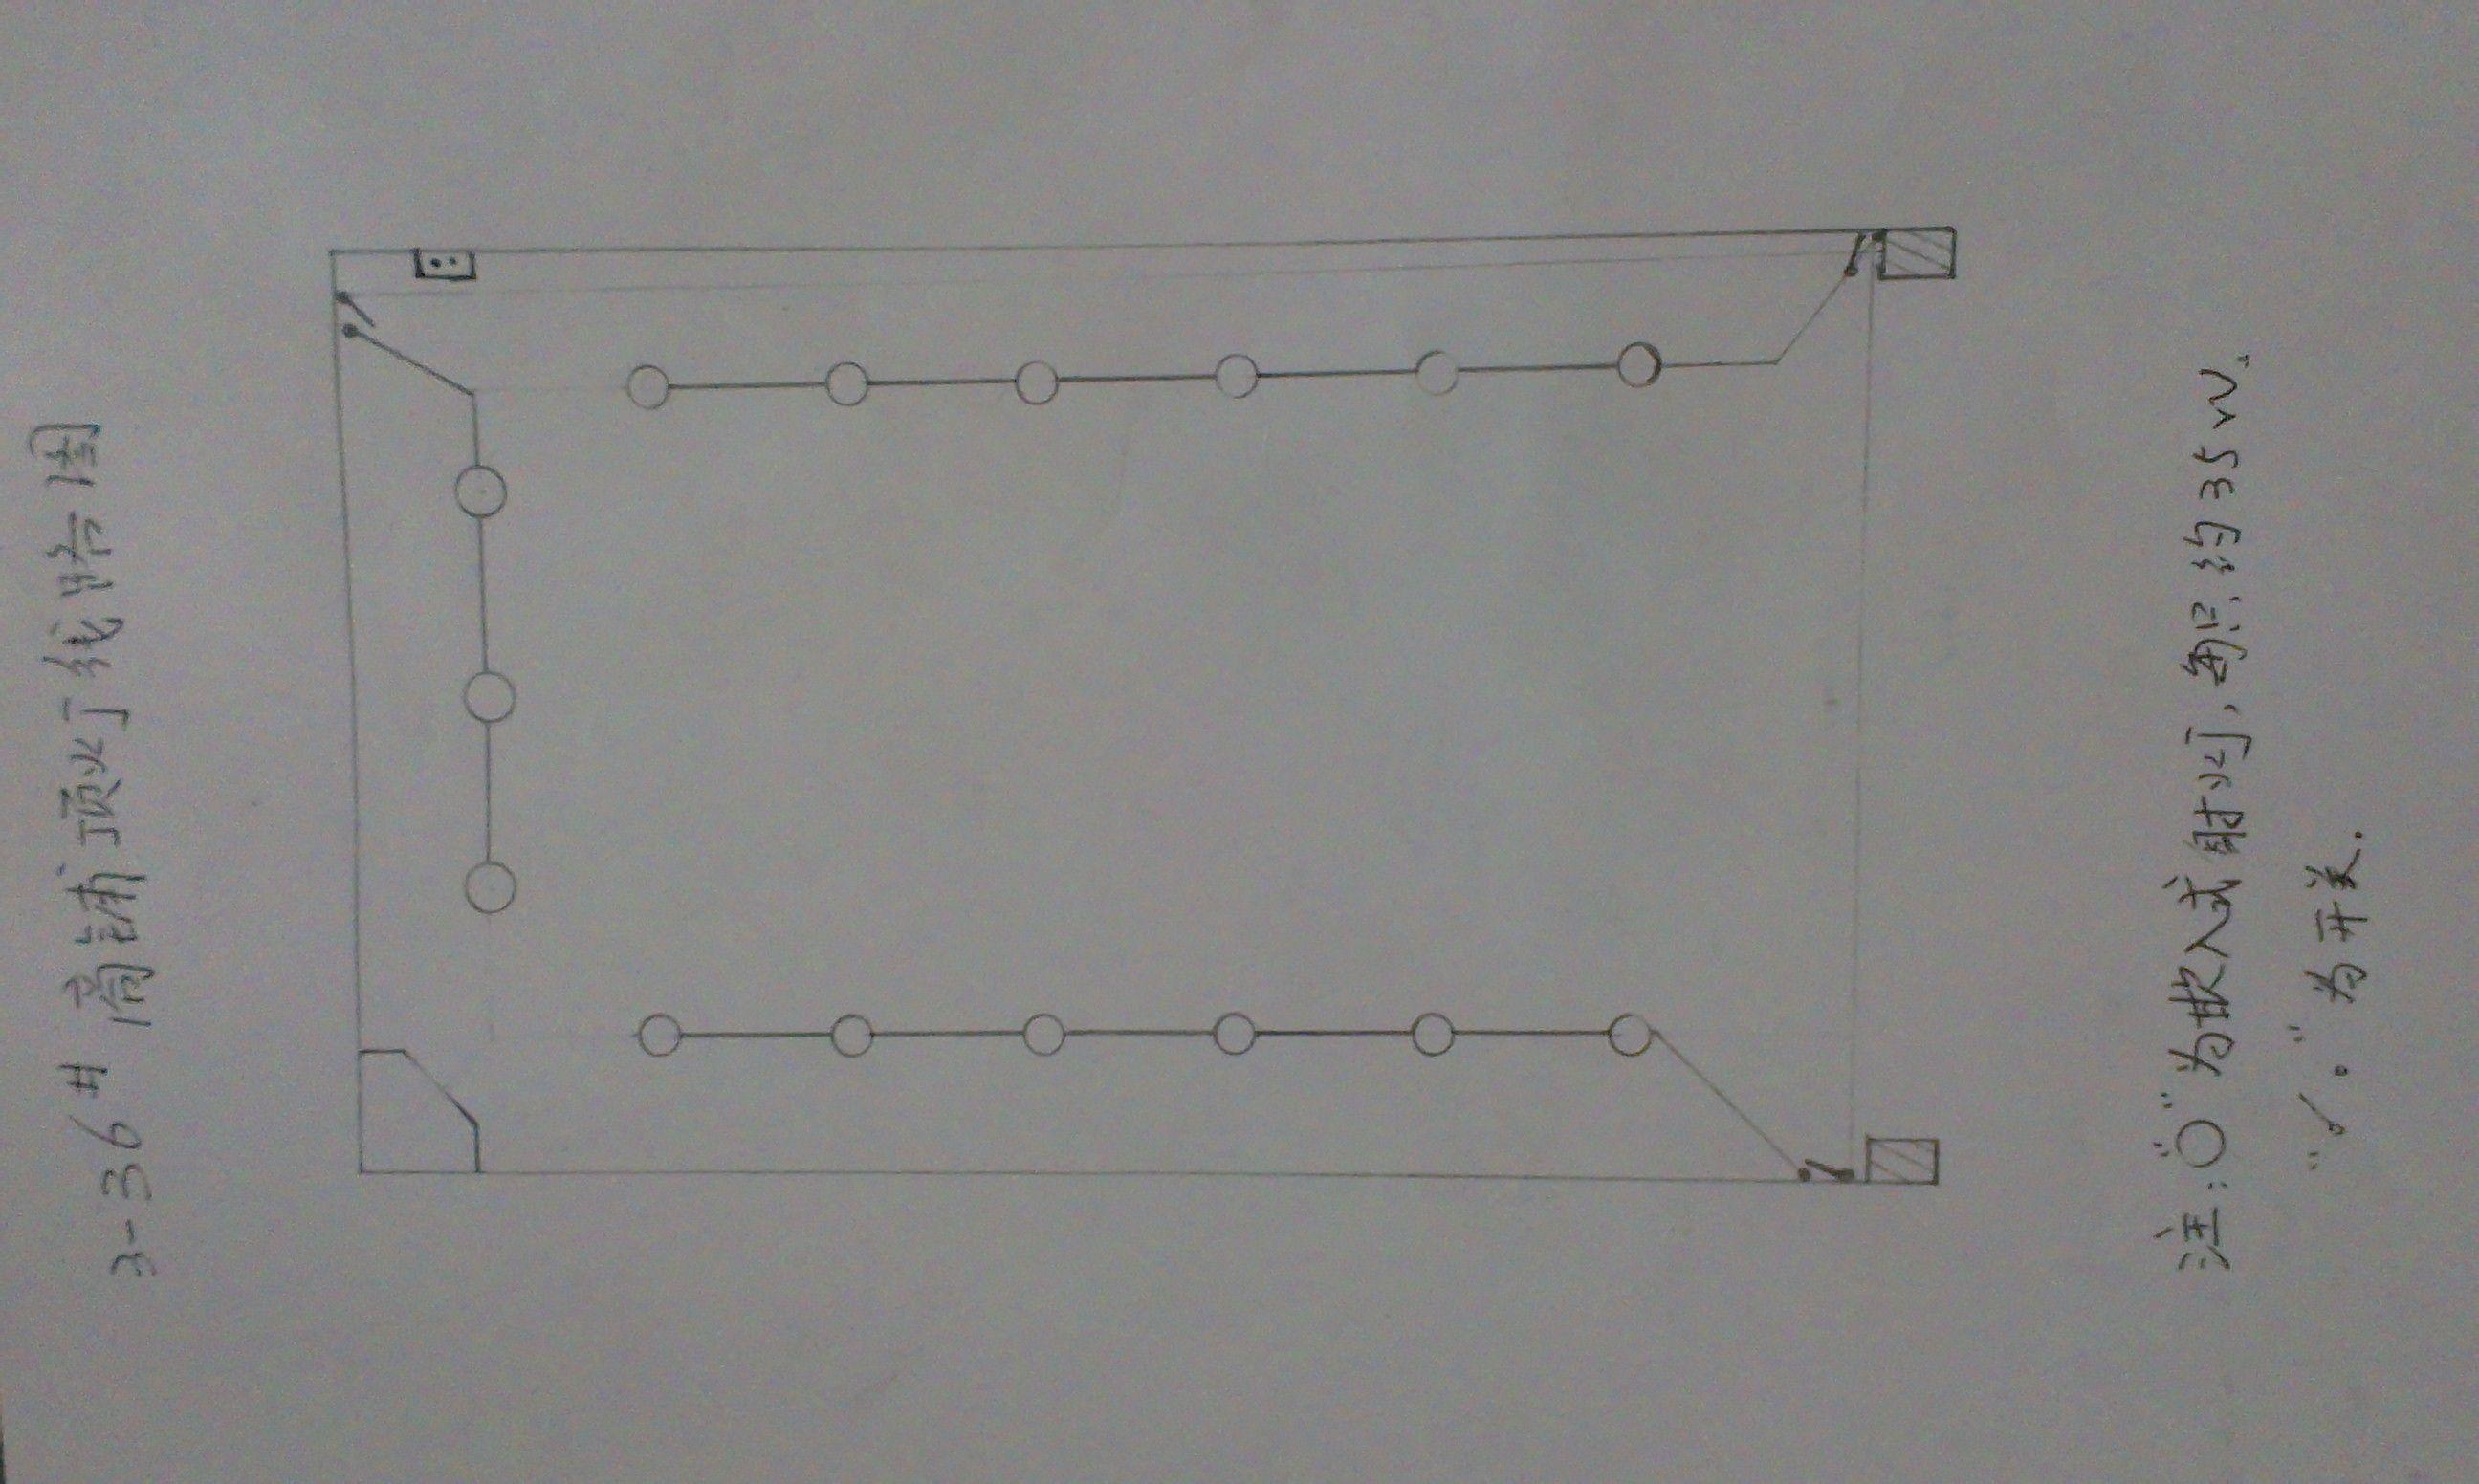 在一商场租一铺位,正值装修,商场要求提供电气系统图和线路高清图片